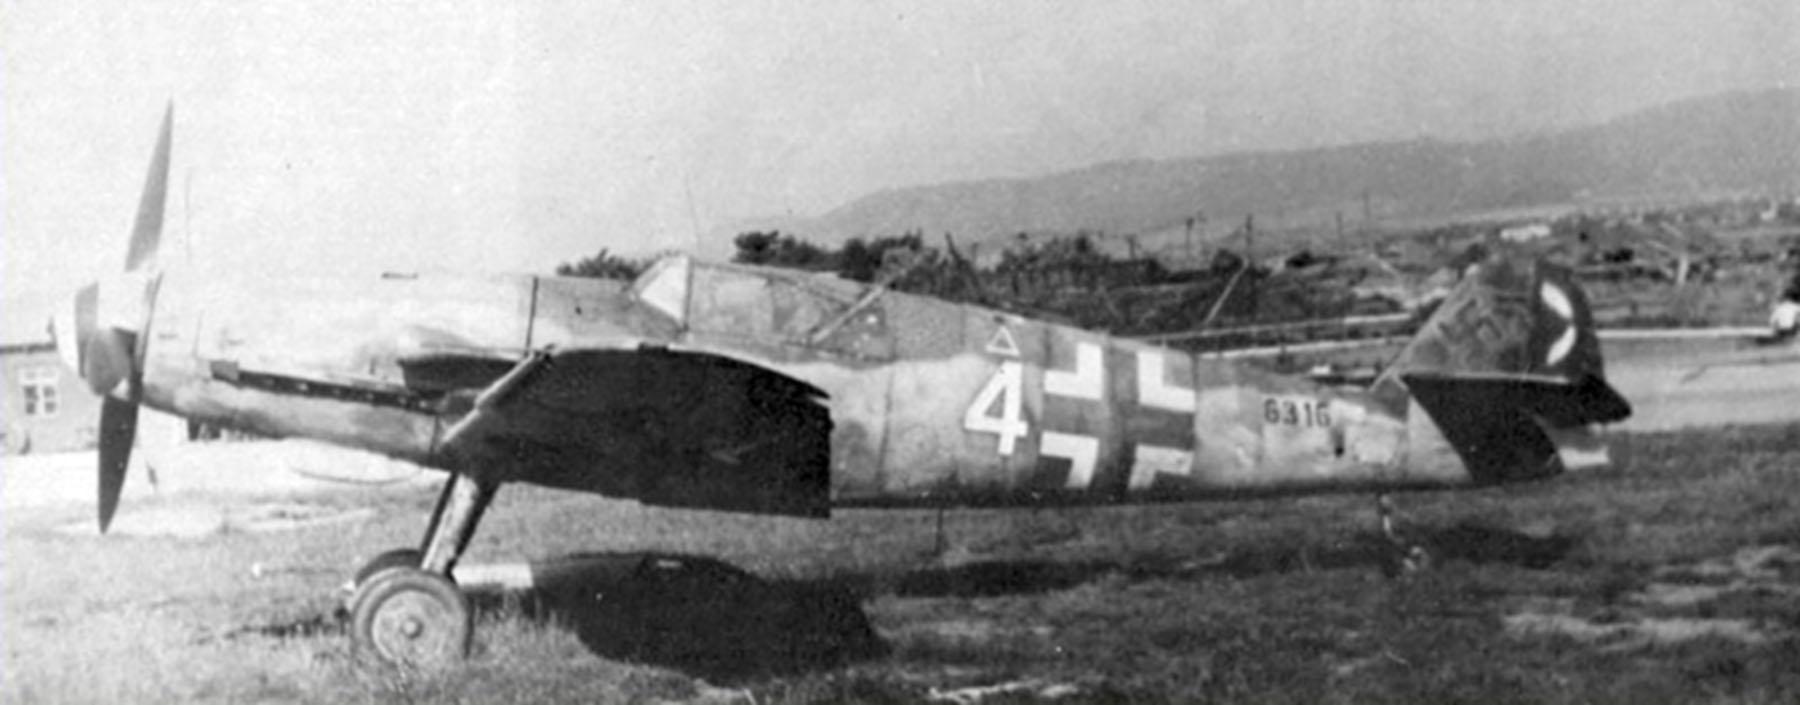 Messerschmitt Bf 109G14AS Erla Reichsverteidigung White 4 WNr 786316 unknown unit and pilot Feb 1945 01